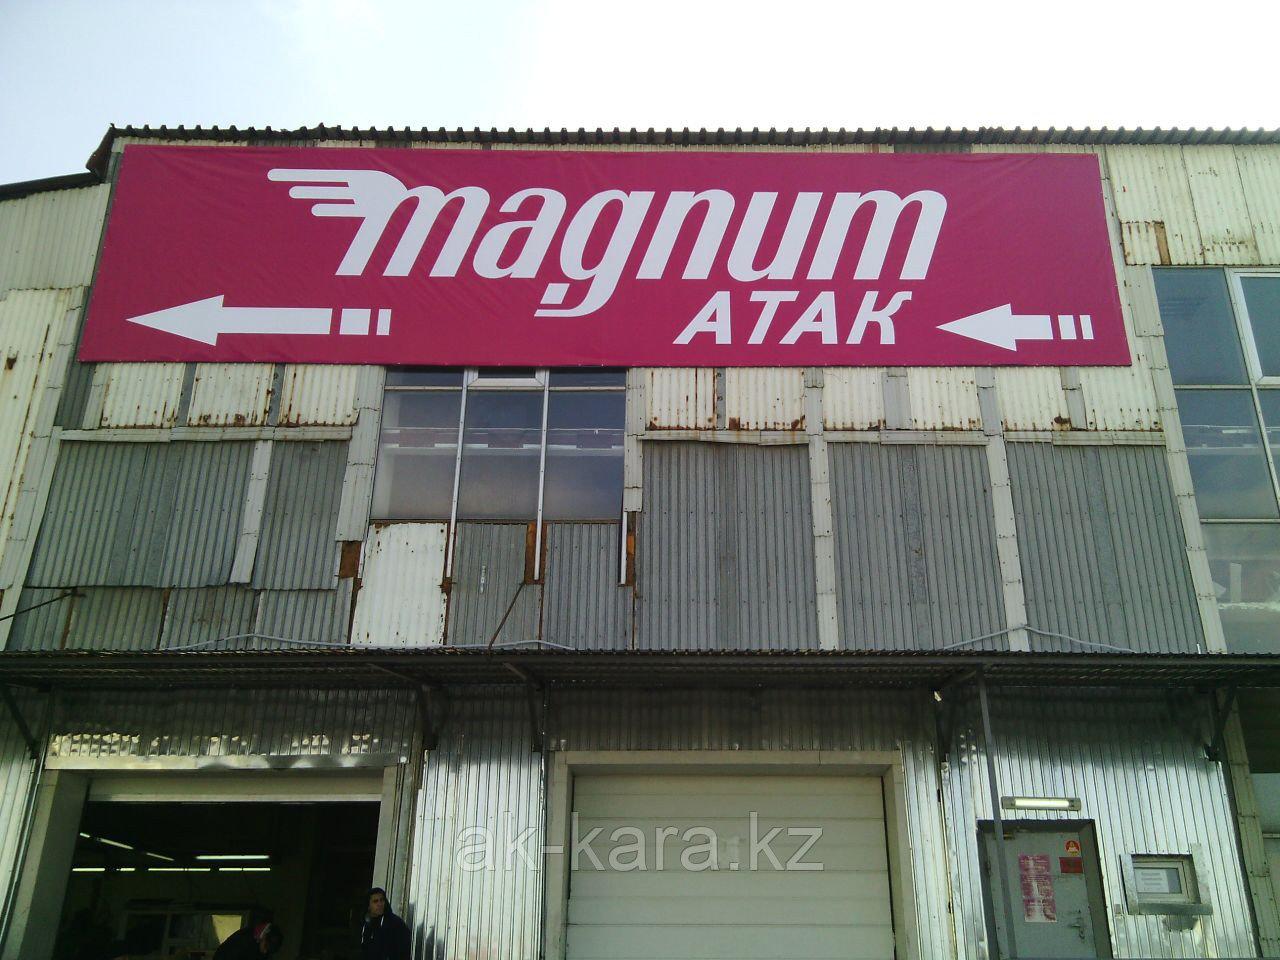 Печать на баннере в Шымкенте свыше 100 кв.м